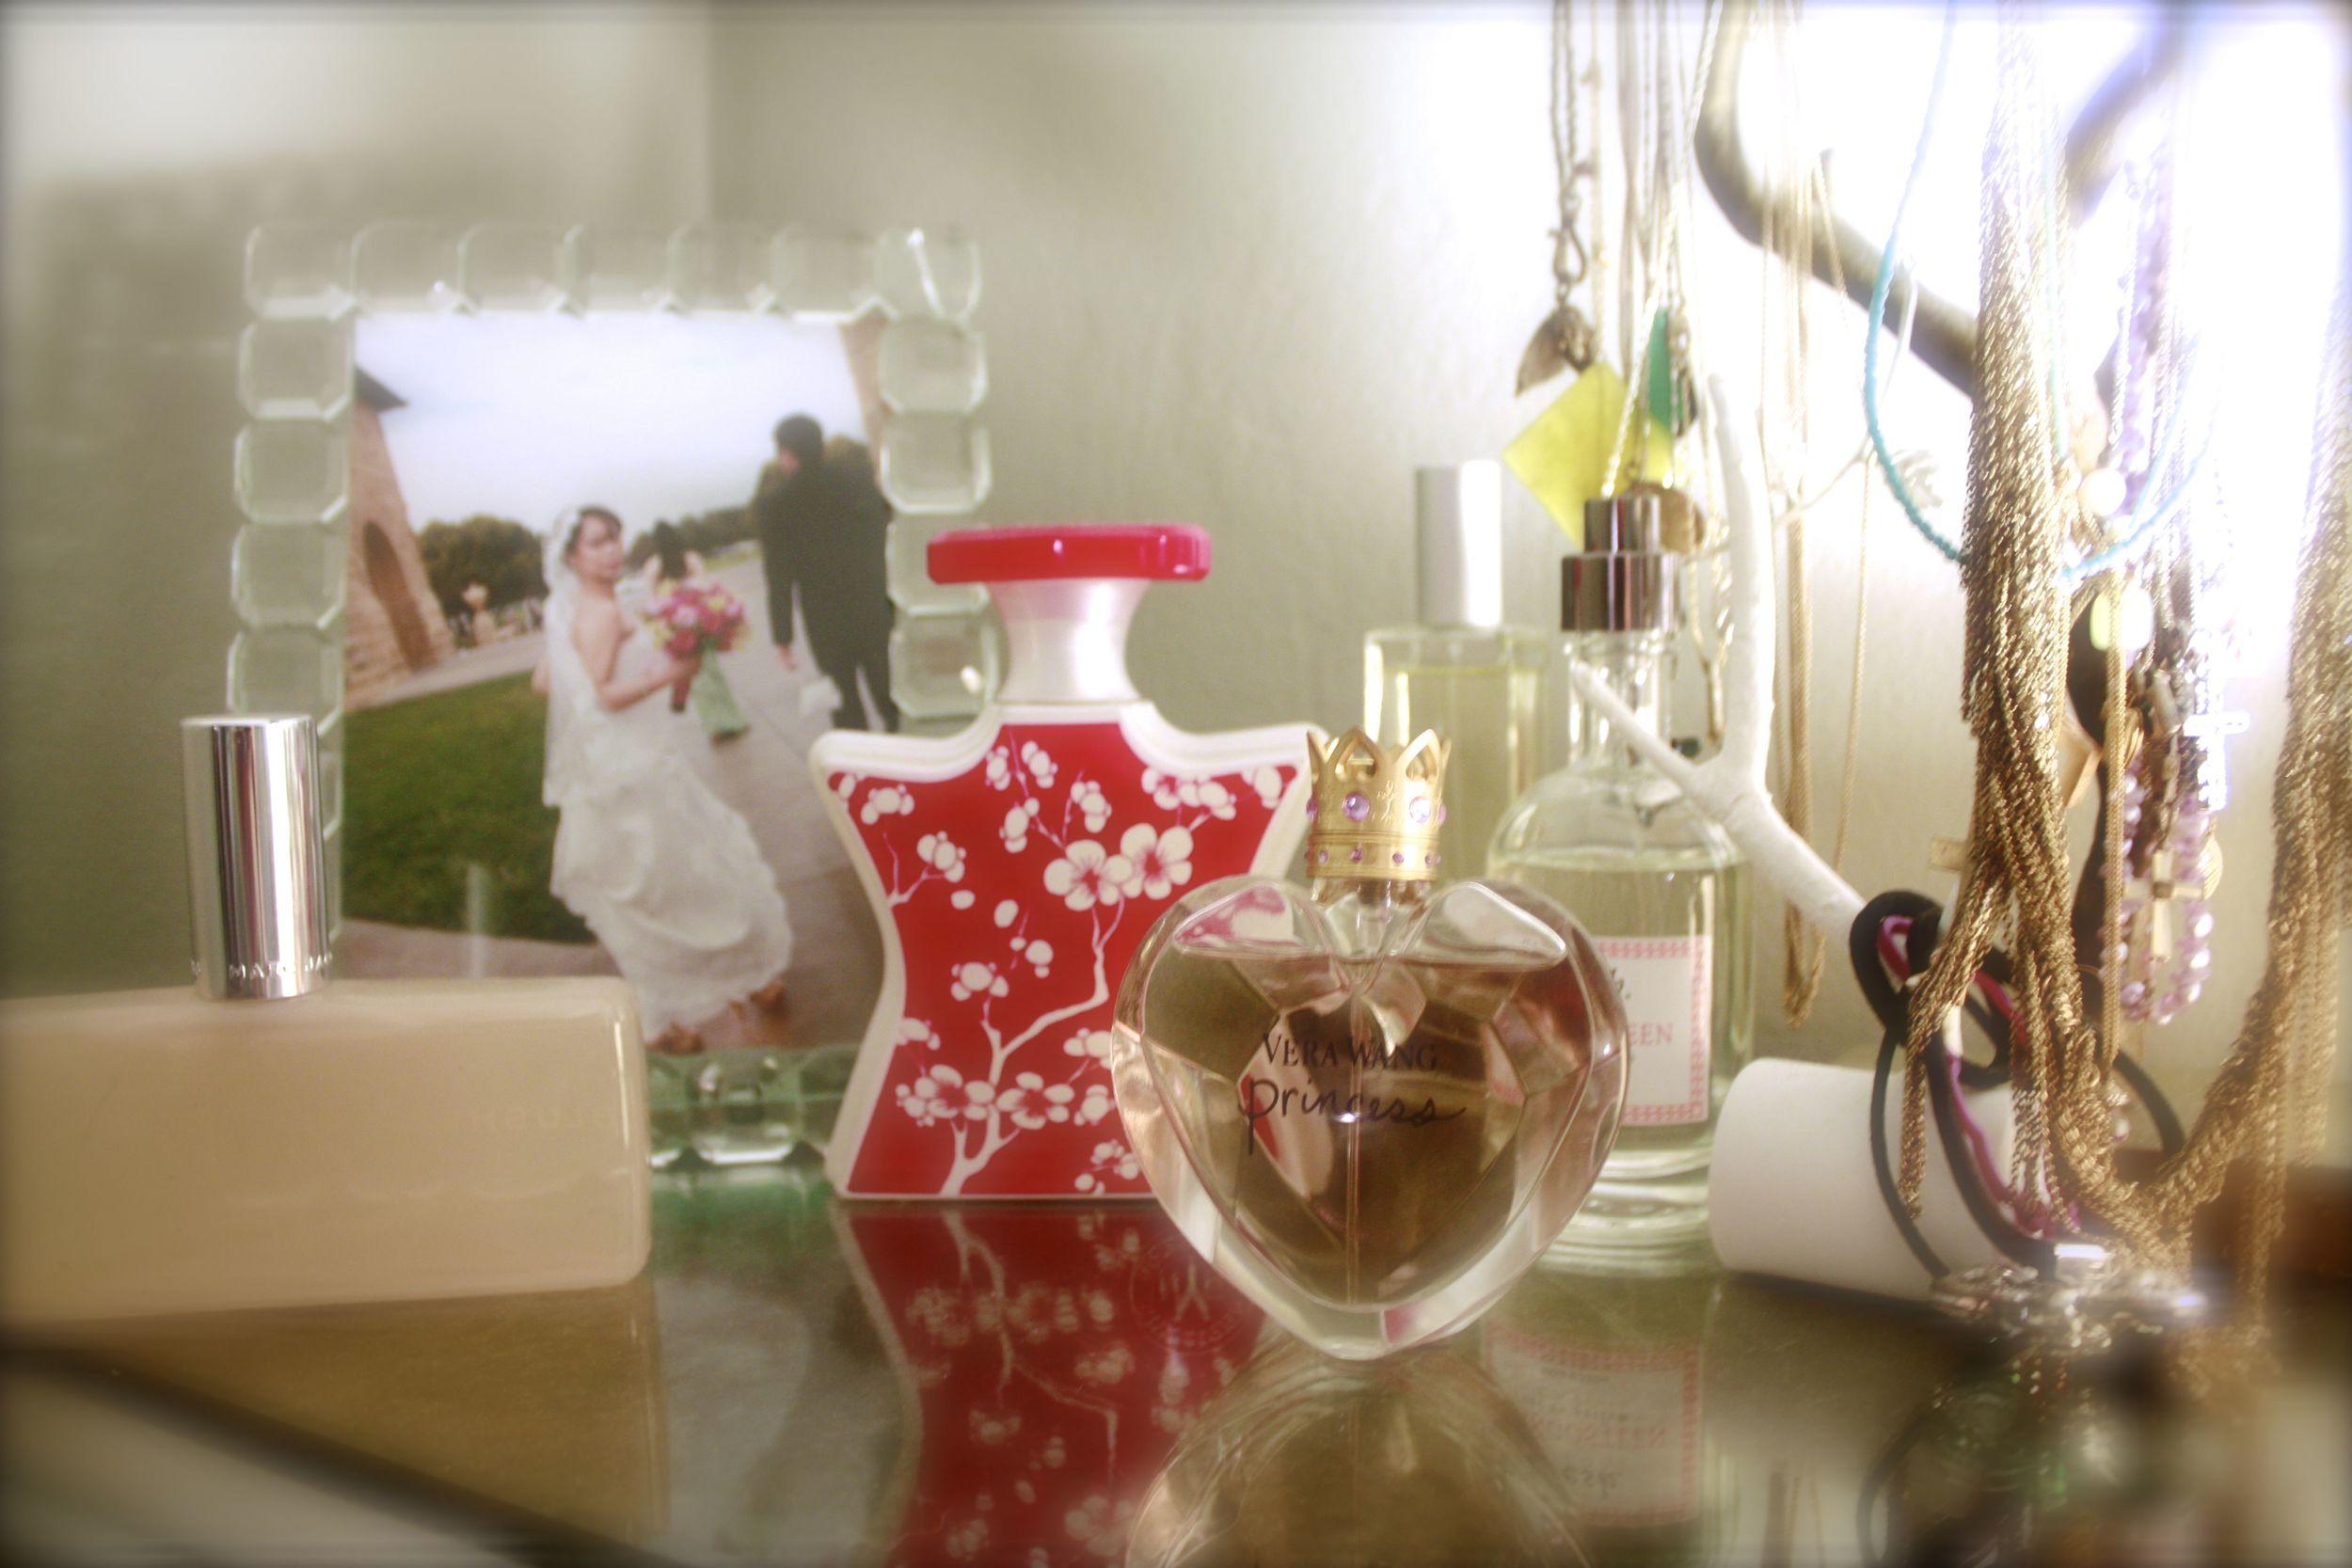 perfume bottles on a vanity